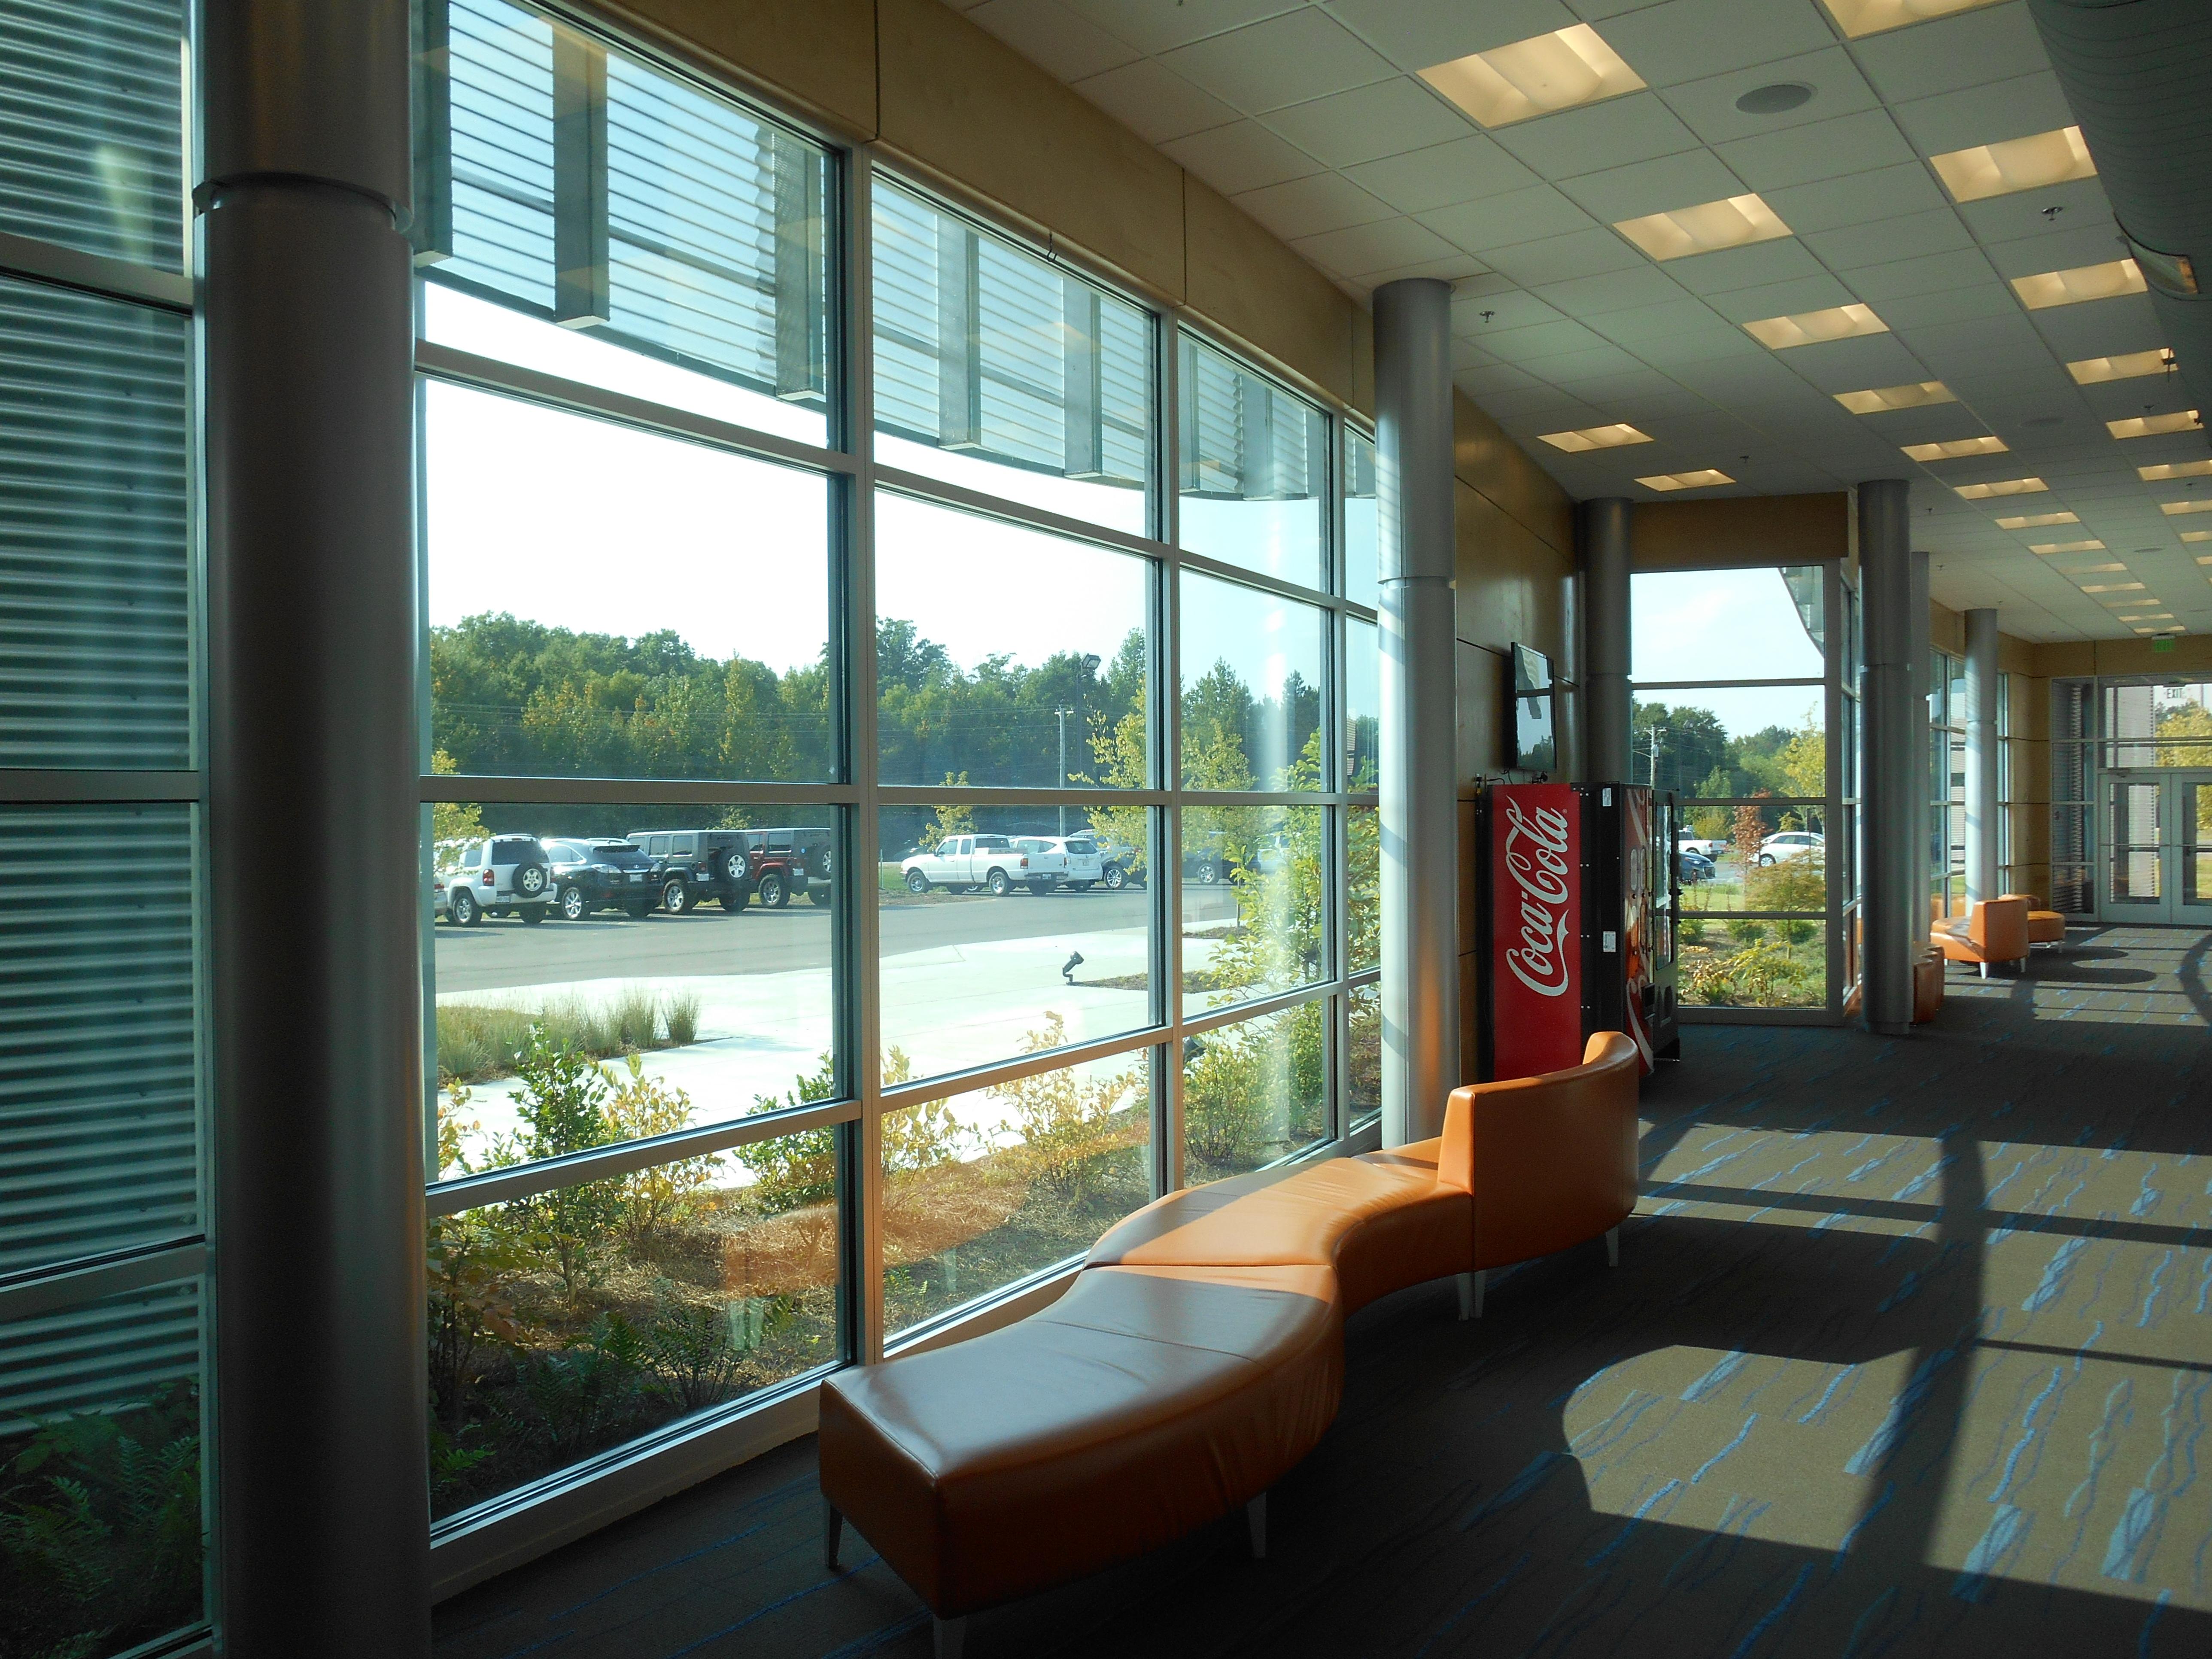 Tupelo Aquatic Center Saf Southern Aluminum Finishing Co Inc